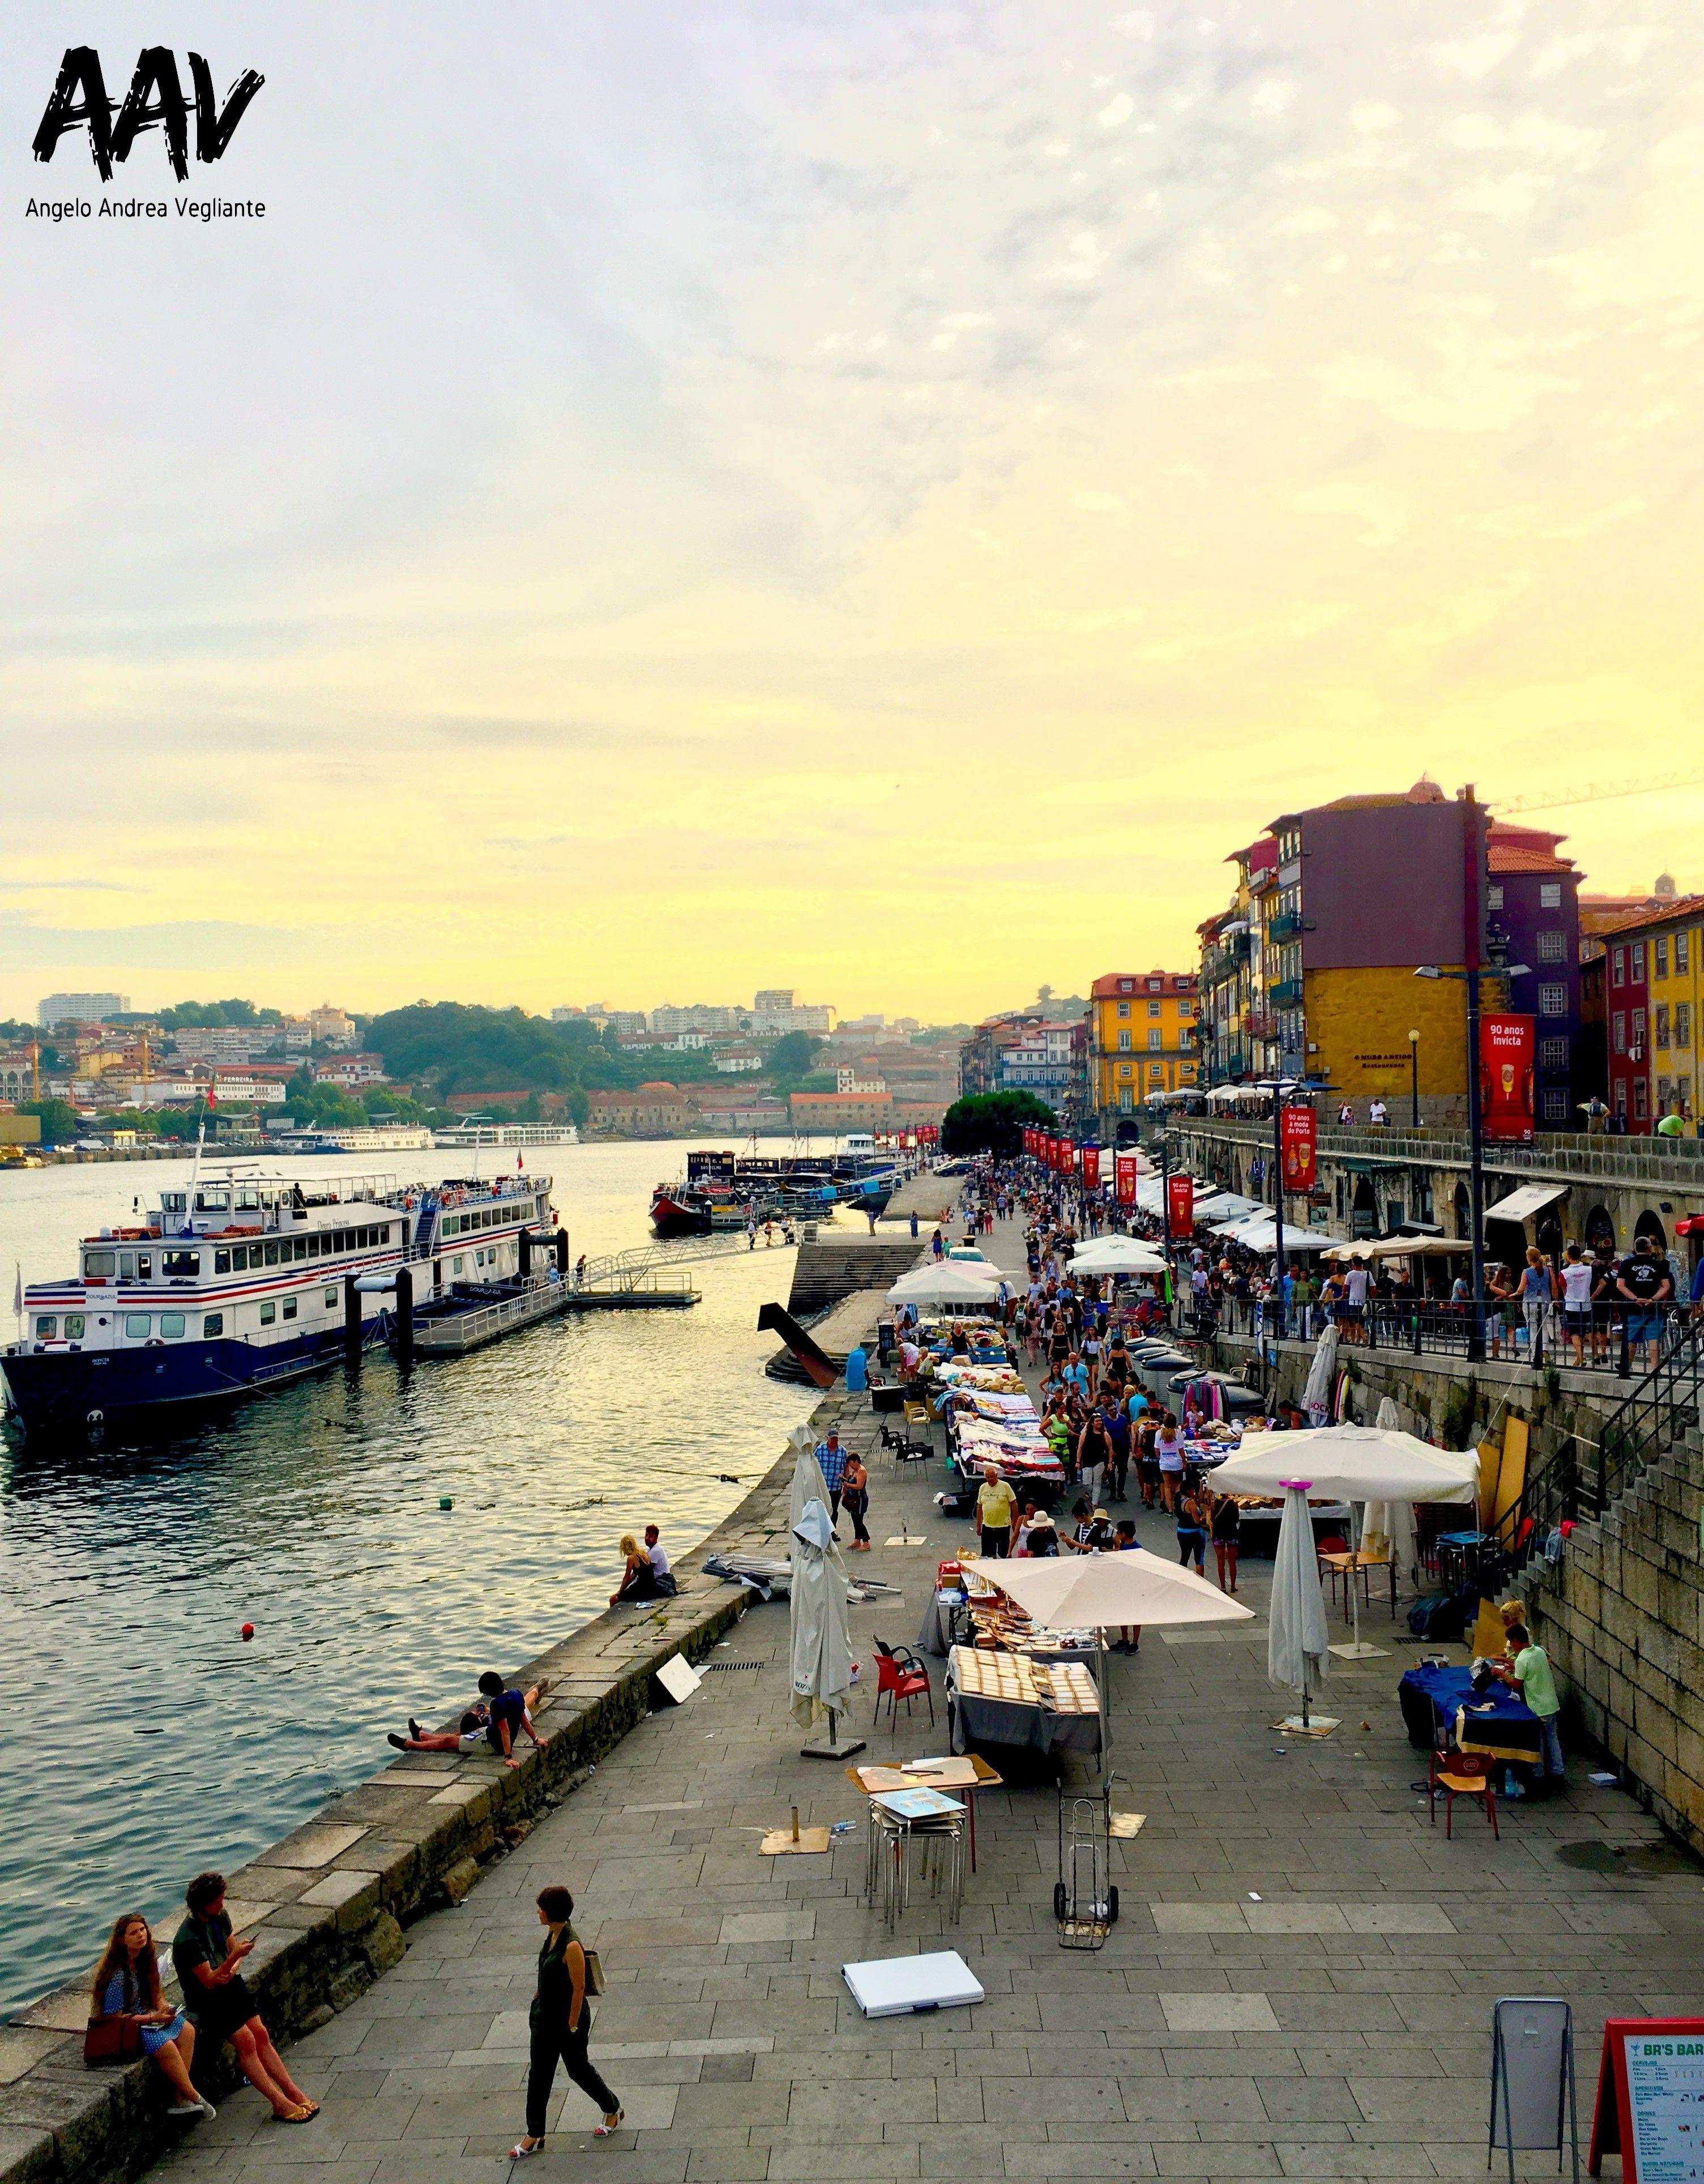 porto-duero-angelo andrea vegliante-fiume-portogallo